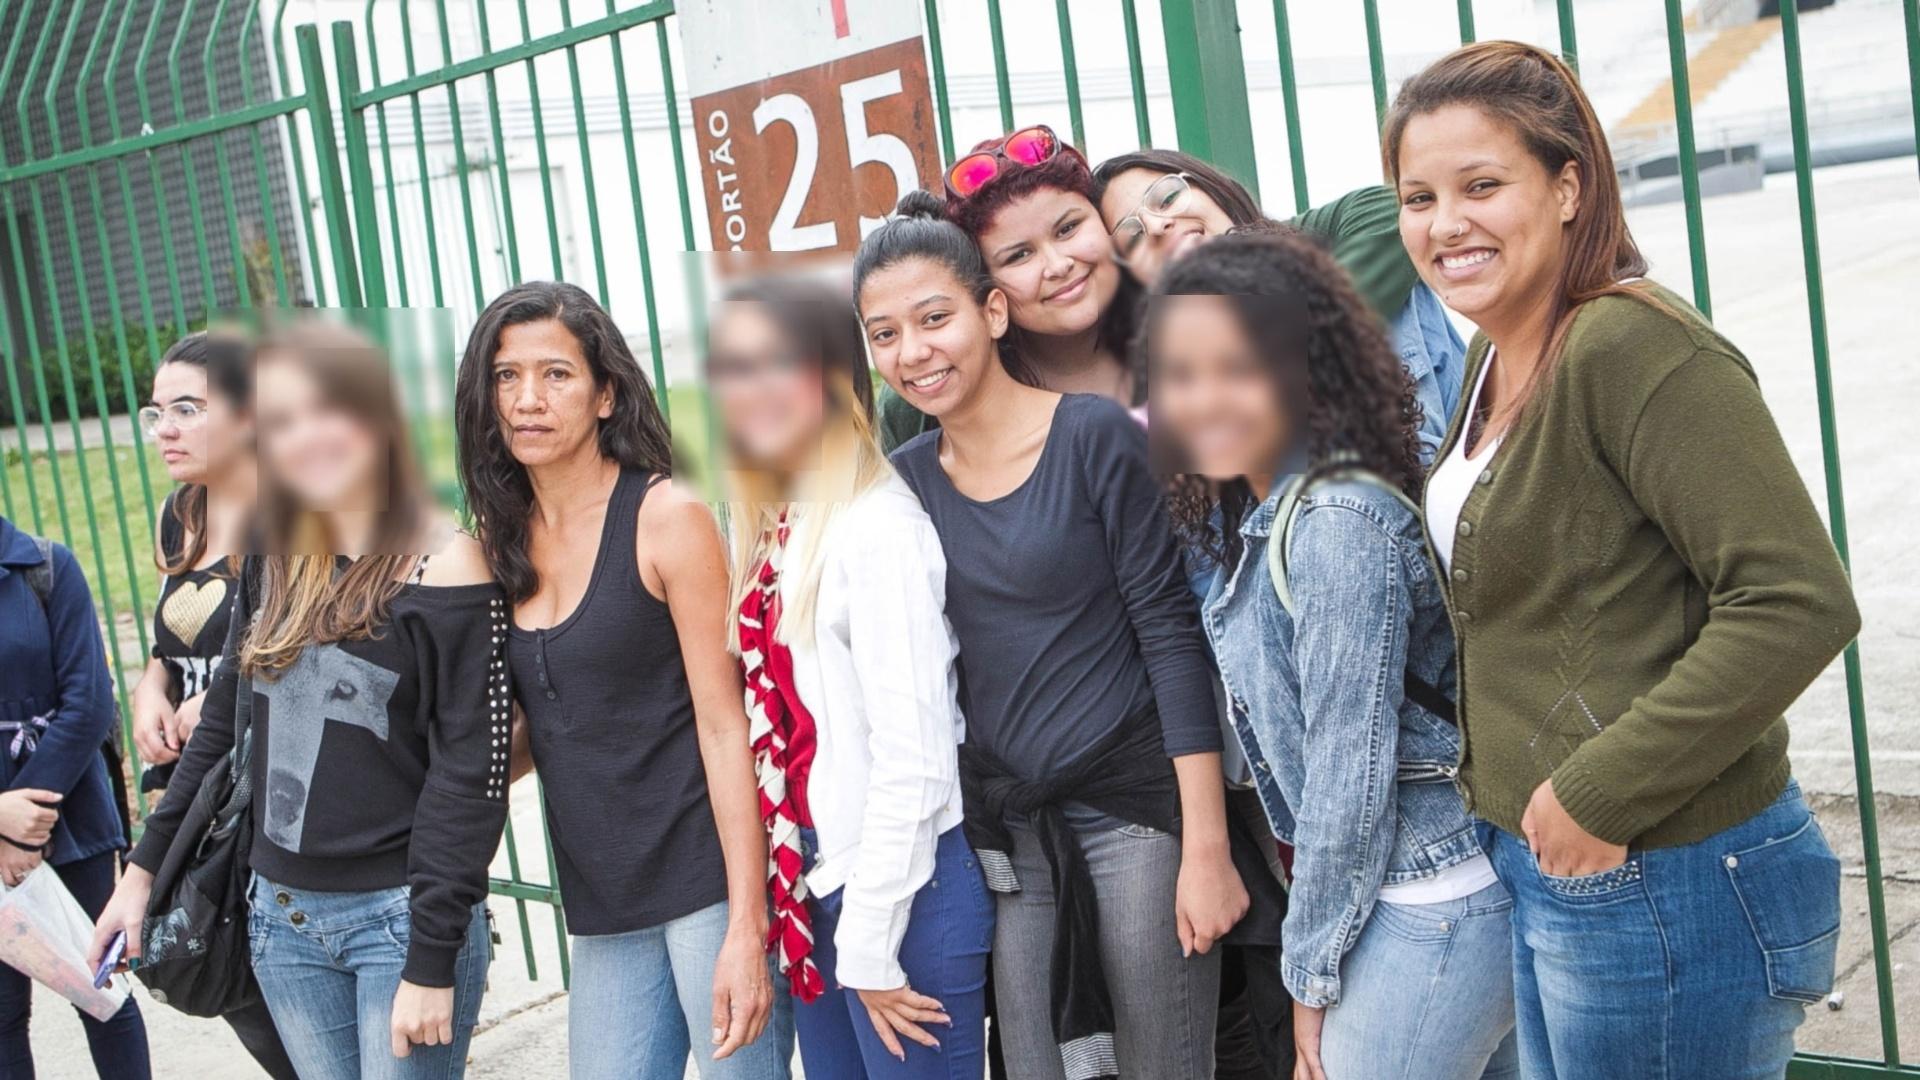 2.out.2013 - Fãs de Justin Bieber mais a mãe Noedna Macedo fazem plantão na porta do Anhembi à espera do show do cantor que acontece no dia 2 de novembro